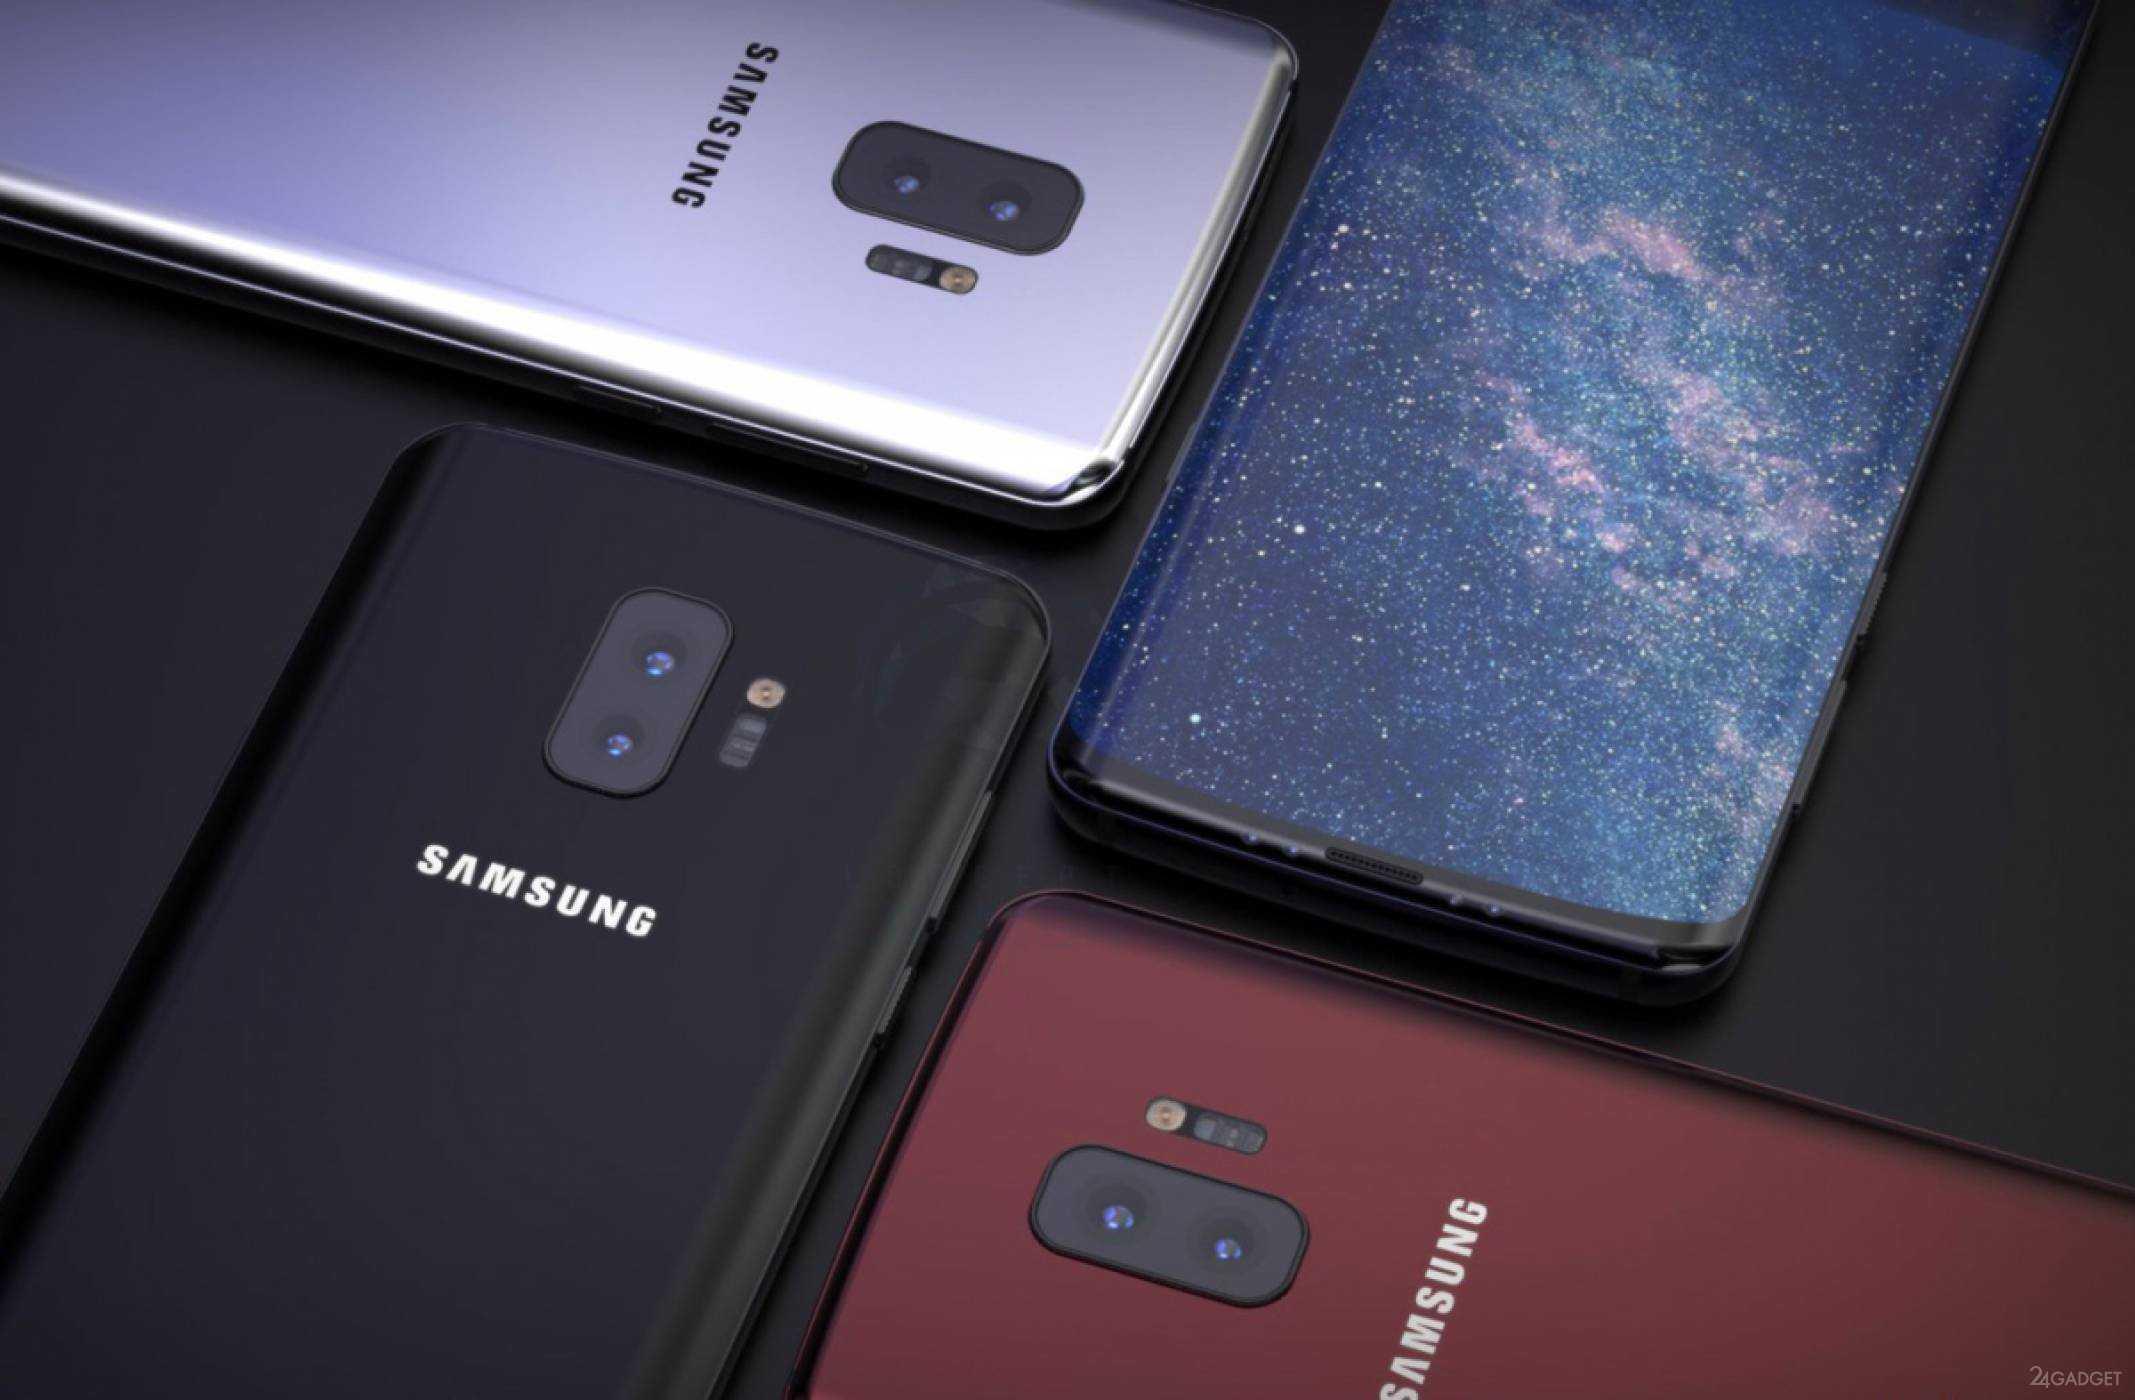 Лучшие смартфоны: топ-рейтинг 2021 года